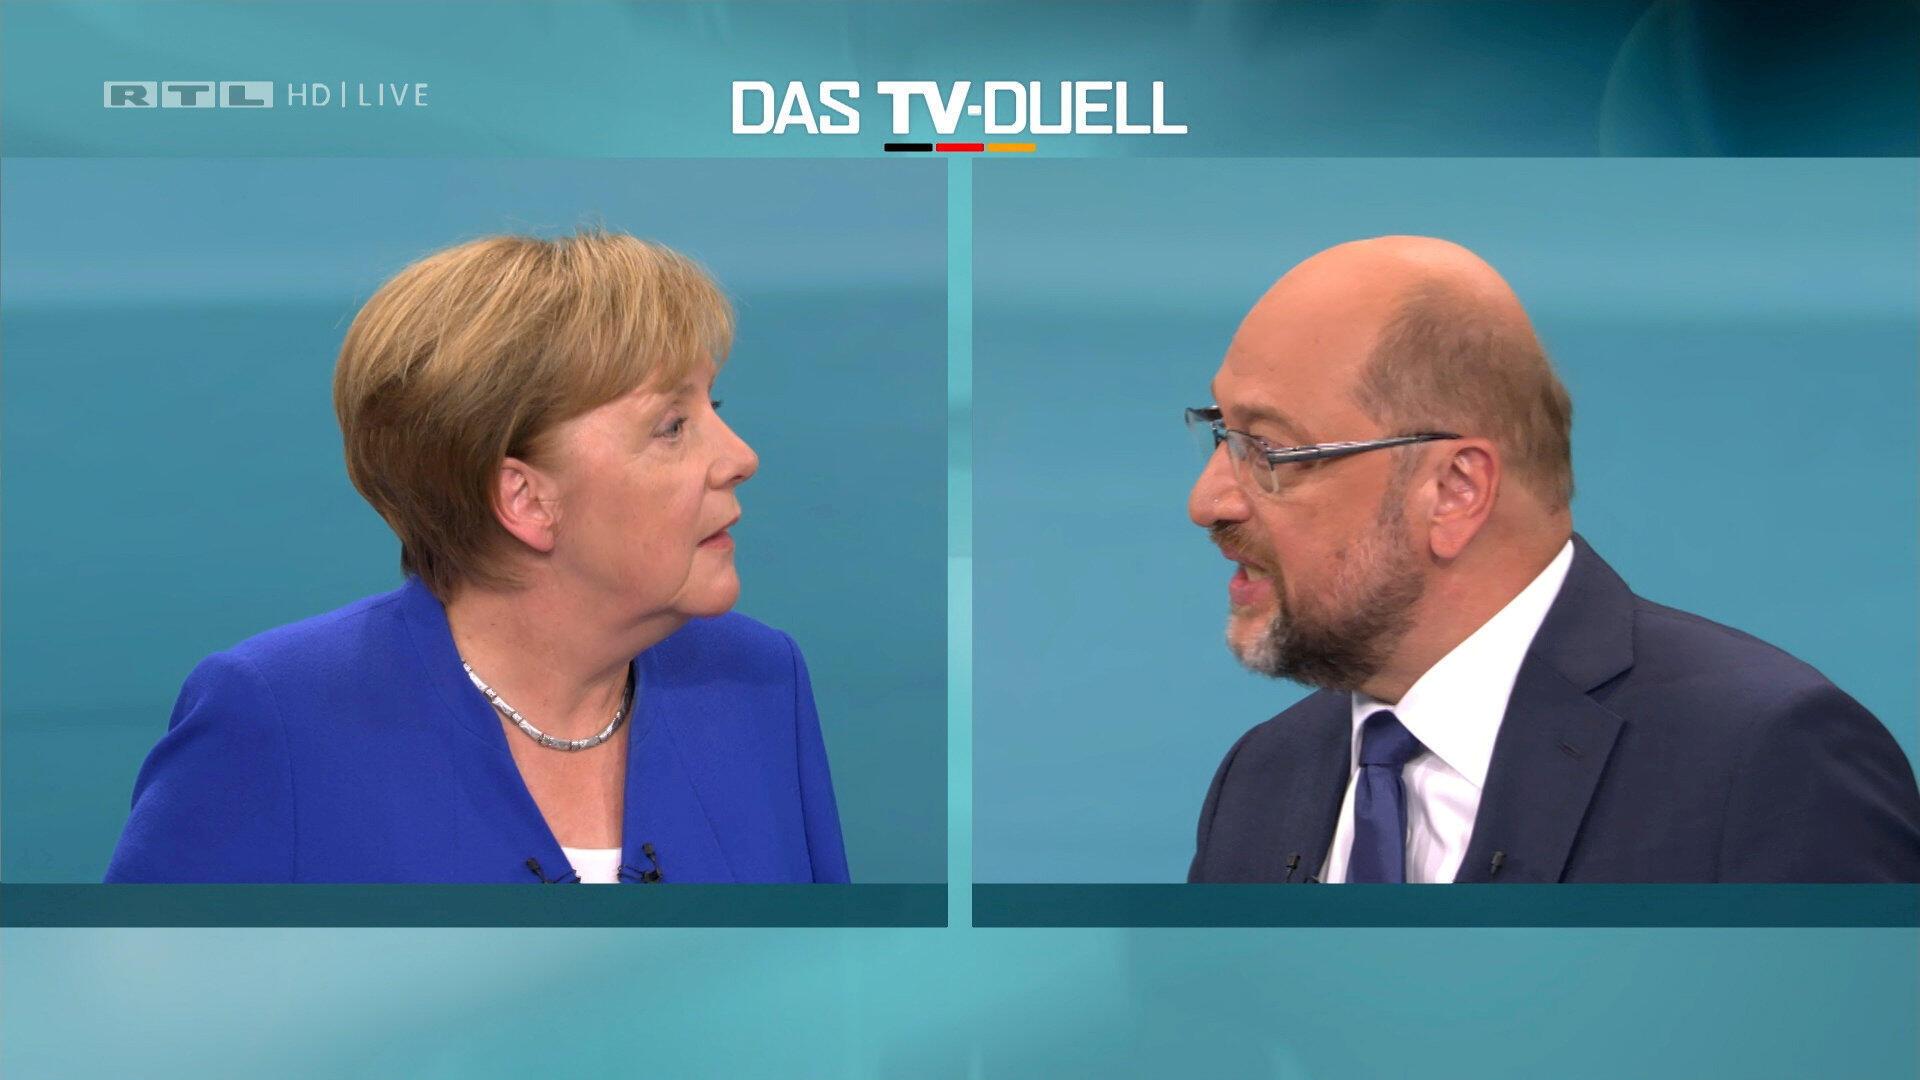 Debate decisivo entre Merkel e Schultz antes de eleições na Alemanha